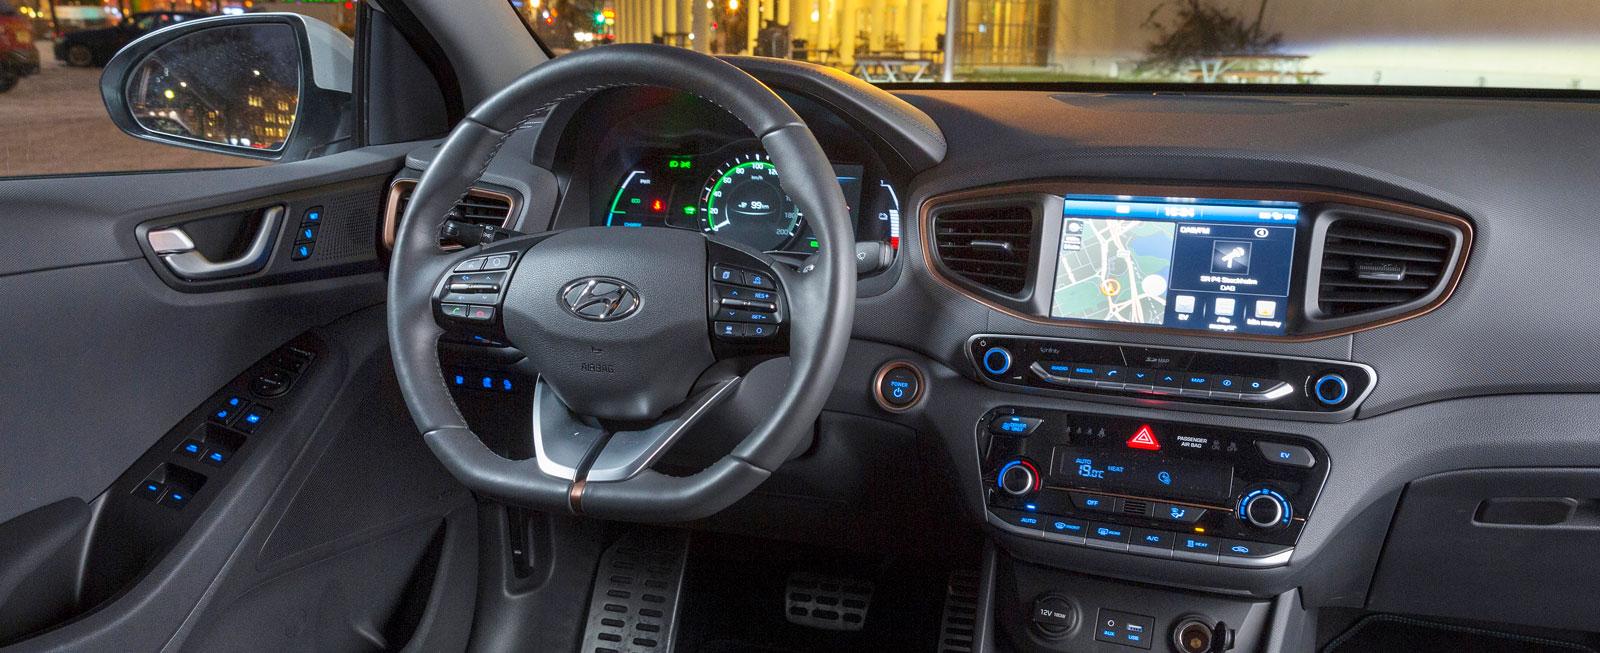 Ioniq liknar sina Hyundaisyskon. Inget extra effektsökeri bara för att bilen råkar gå på el. Kopparfärgade inlägg är dock unika för elbilsversionen.